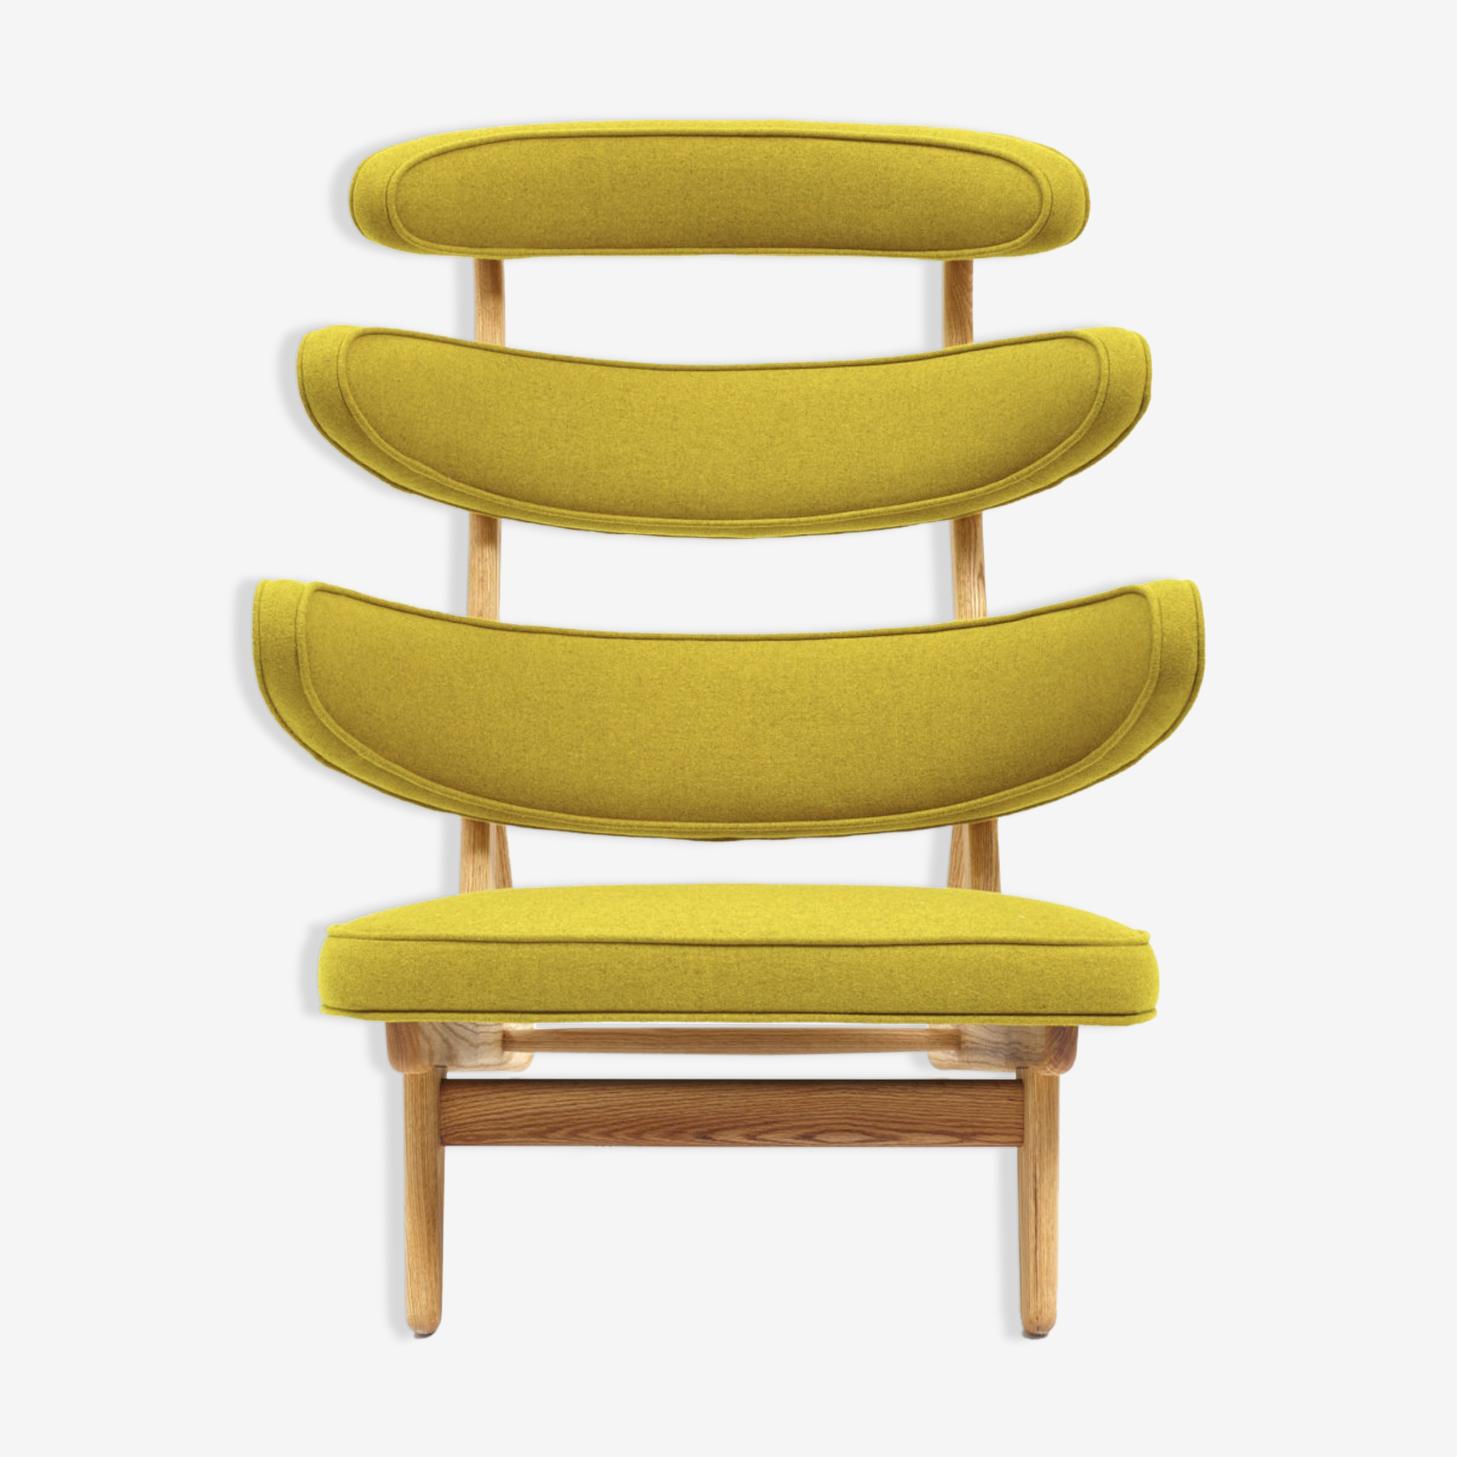 Lounge chair de Poul Volther de 1953